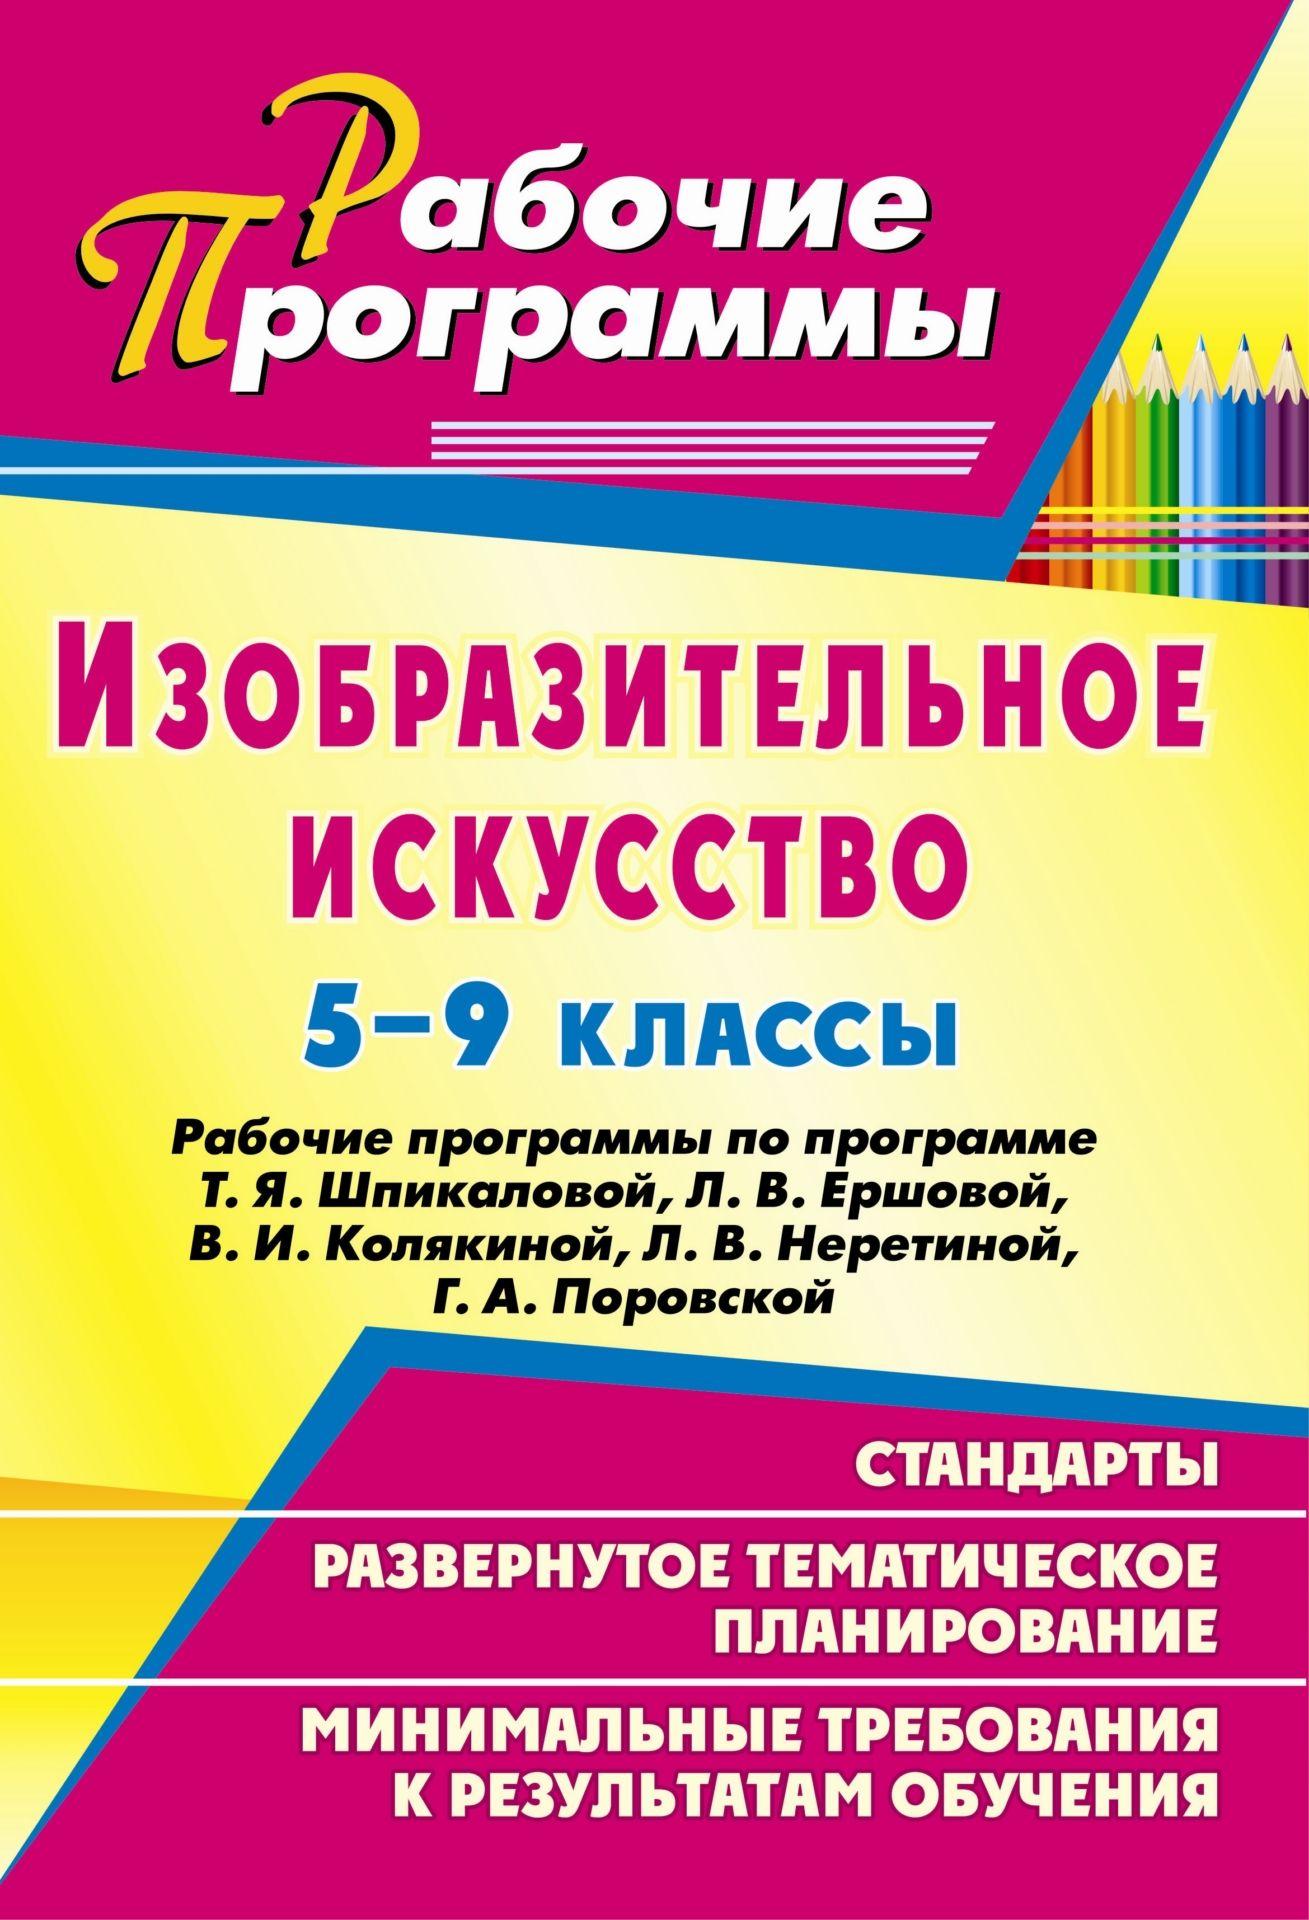 Изобразительное искусство. 5-9 классы: рабочие программы по программе Т. Я. Шпикаловой, Л. В. Ершовой, В. И. Колякиной, Л. В. Неретиной, Г. А. ПоровскойПредметы<br>Рабочая программа - нормативно-управленческий документ, характеризующий систему организации образовательной деятельности педагога.В пособии представлены рабочие программы для 5-9 классов, разработанные на основе программы Изобразительное искусство автор...<br><br>Авторы: Паламар Н. Р.<br>Год: 2012<br>Серия: Рабочие программы<br>ISBN: 978-5-7057-2853-4<br>Высота: 285<br>Ширина: 197<br>Толщина: 7<br>Переплёт: мягкая, скрепка